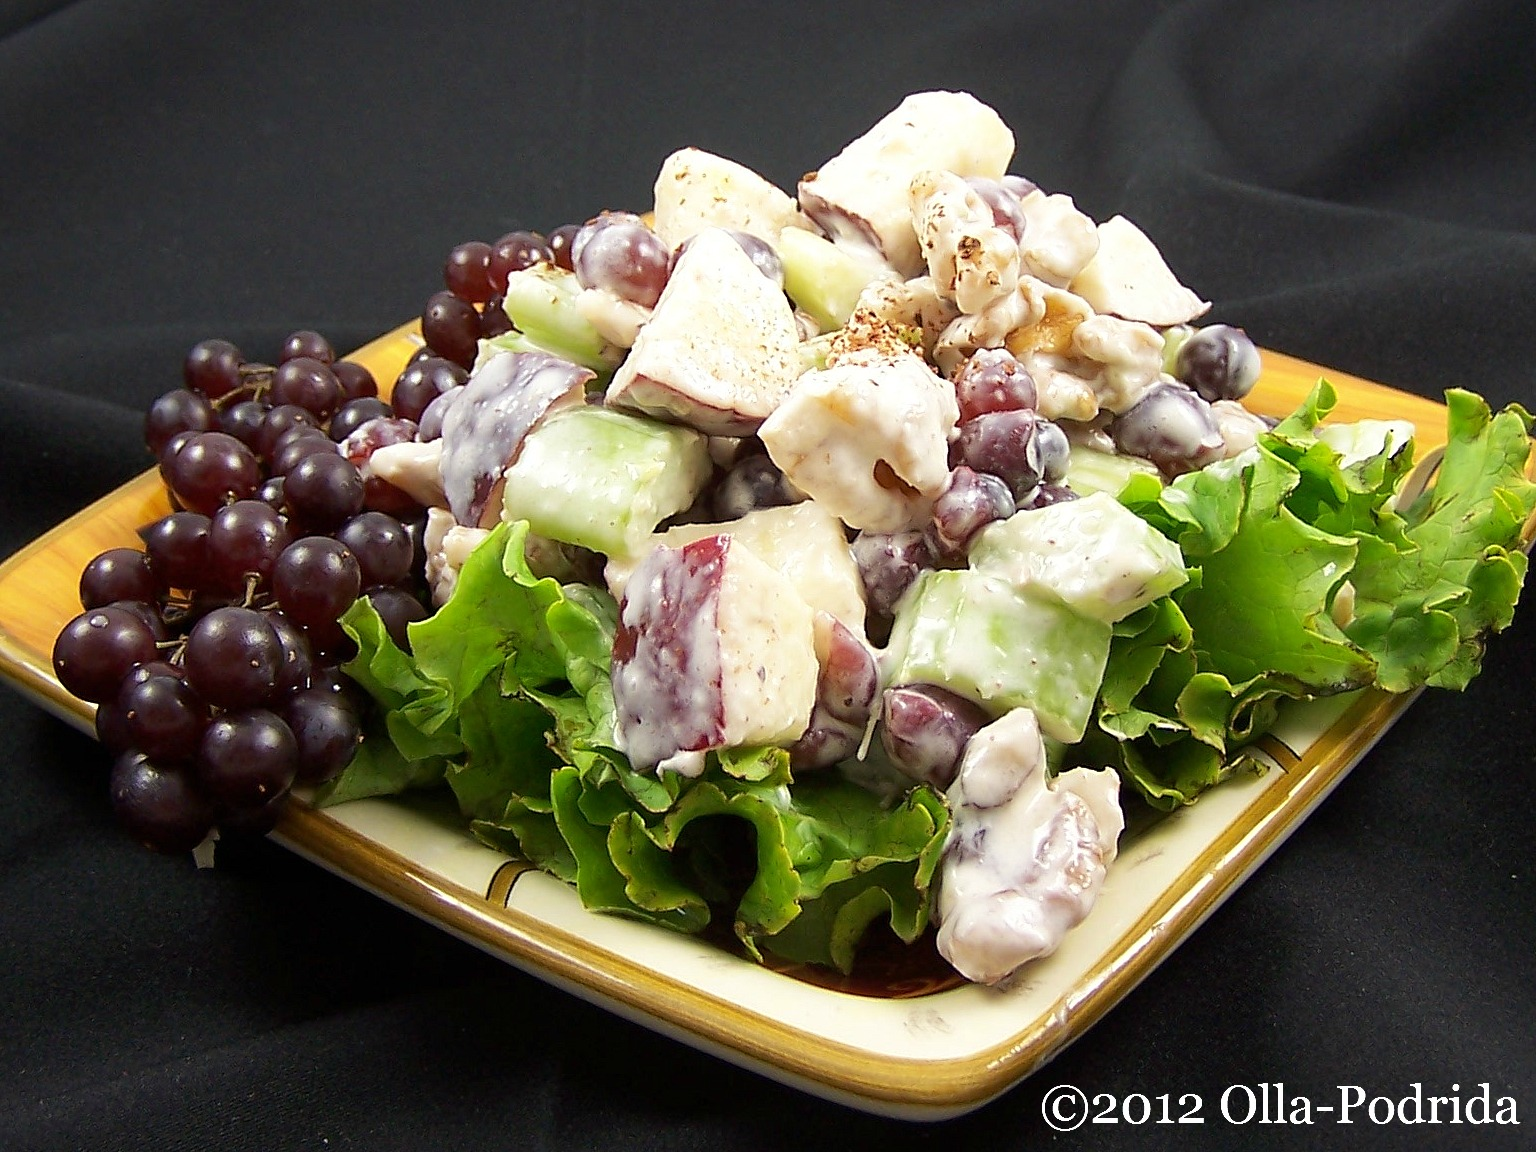 Olla-Podrida: Waldorf Salad